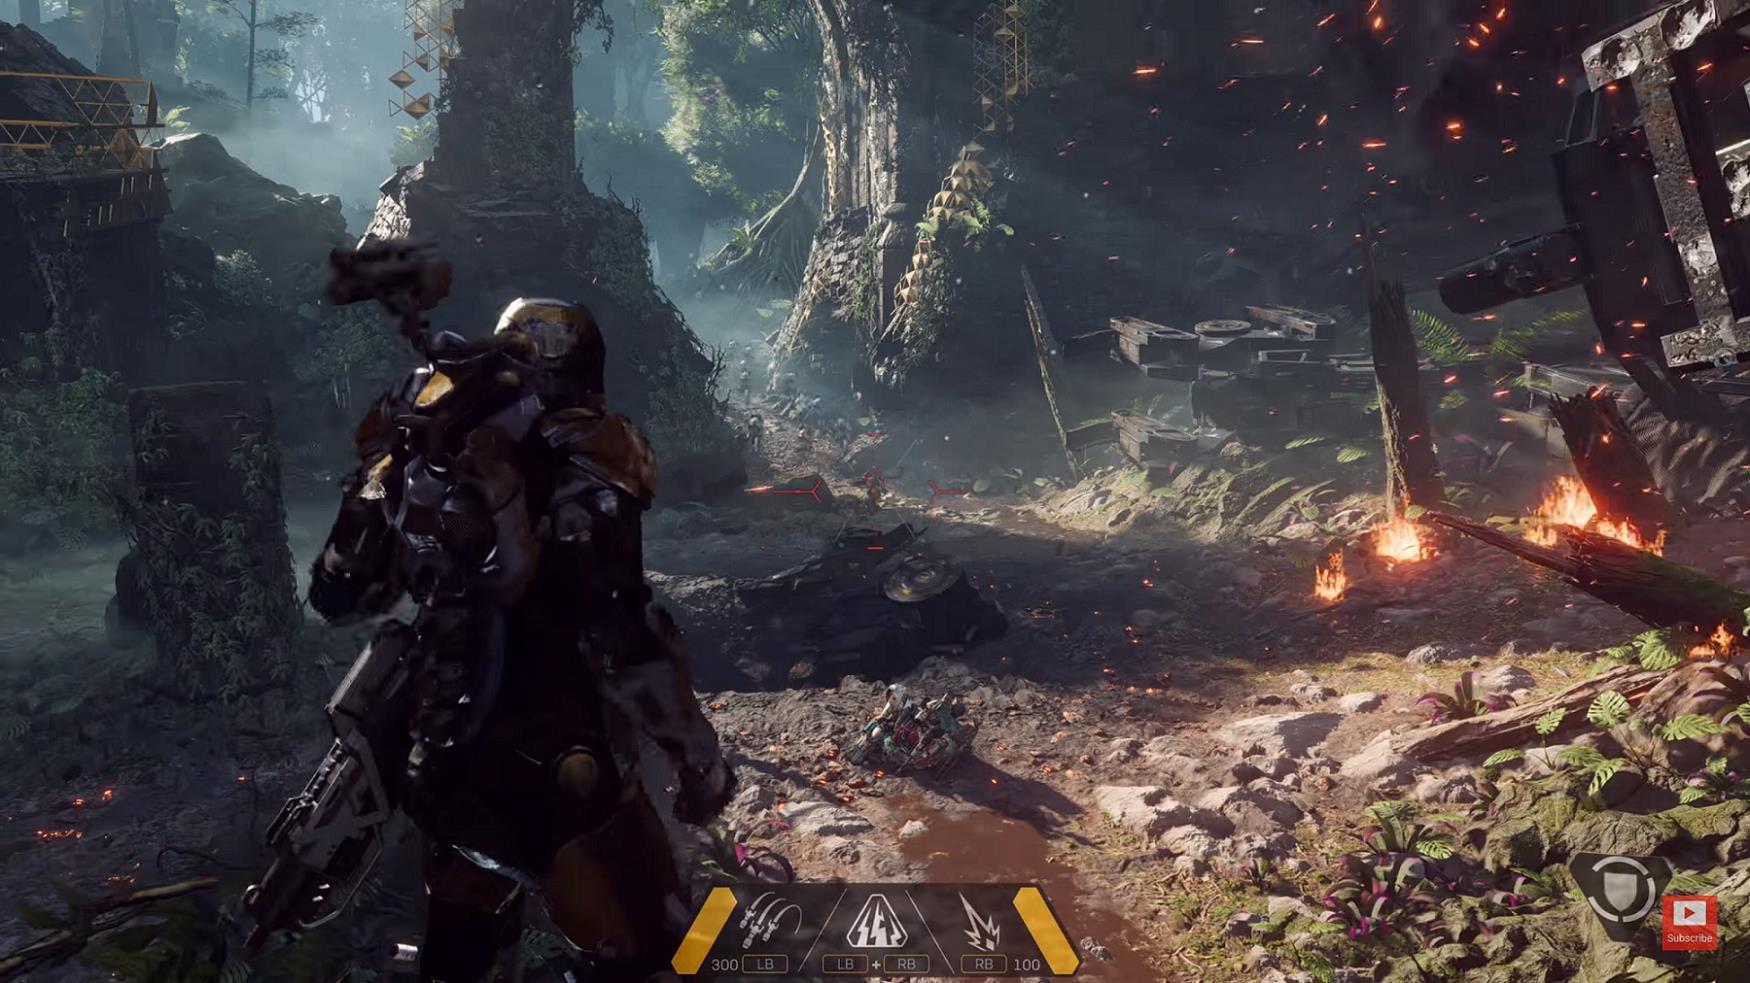 Прибыль за открытыми мирами в играх, доказано EA Games